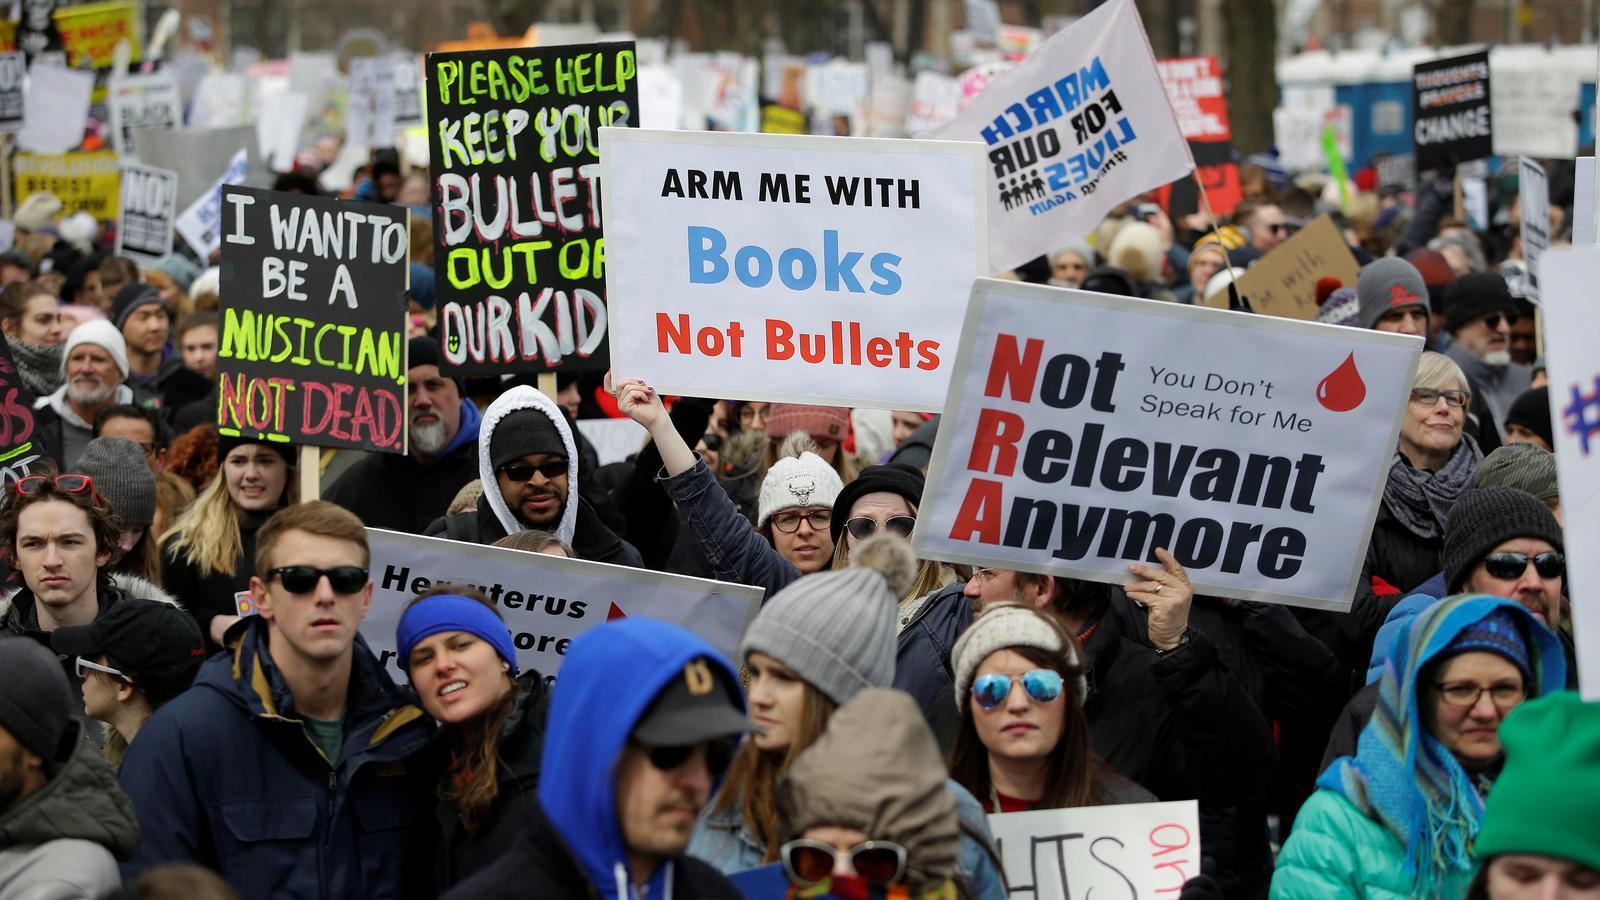 Milers de persones es manifesten a la ciutat de Chicago pel control de les armes aquest dissabte.